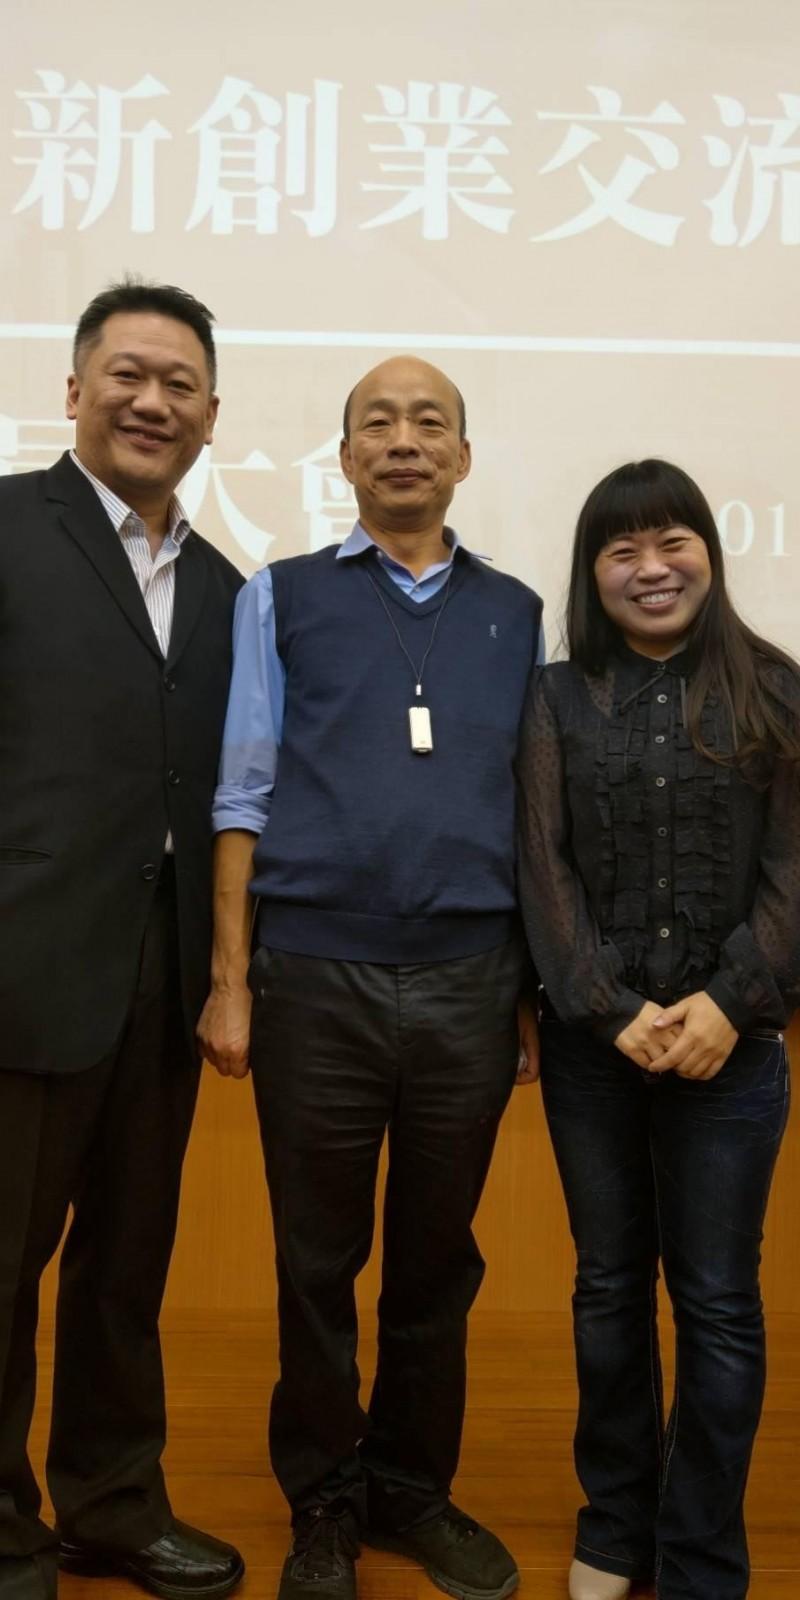 表態爭取國民黨立委提名的黃同成,與妻子前立委江玲君、高雄市長韓國瑜合影。(黃同成提供)